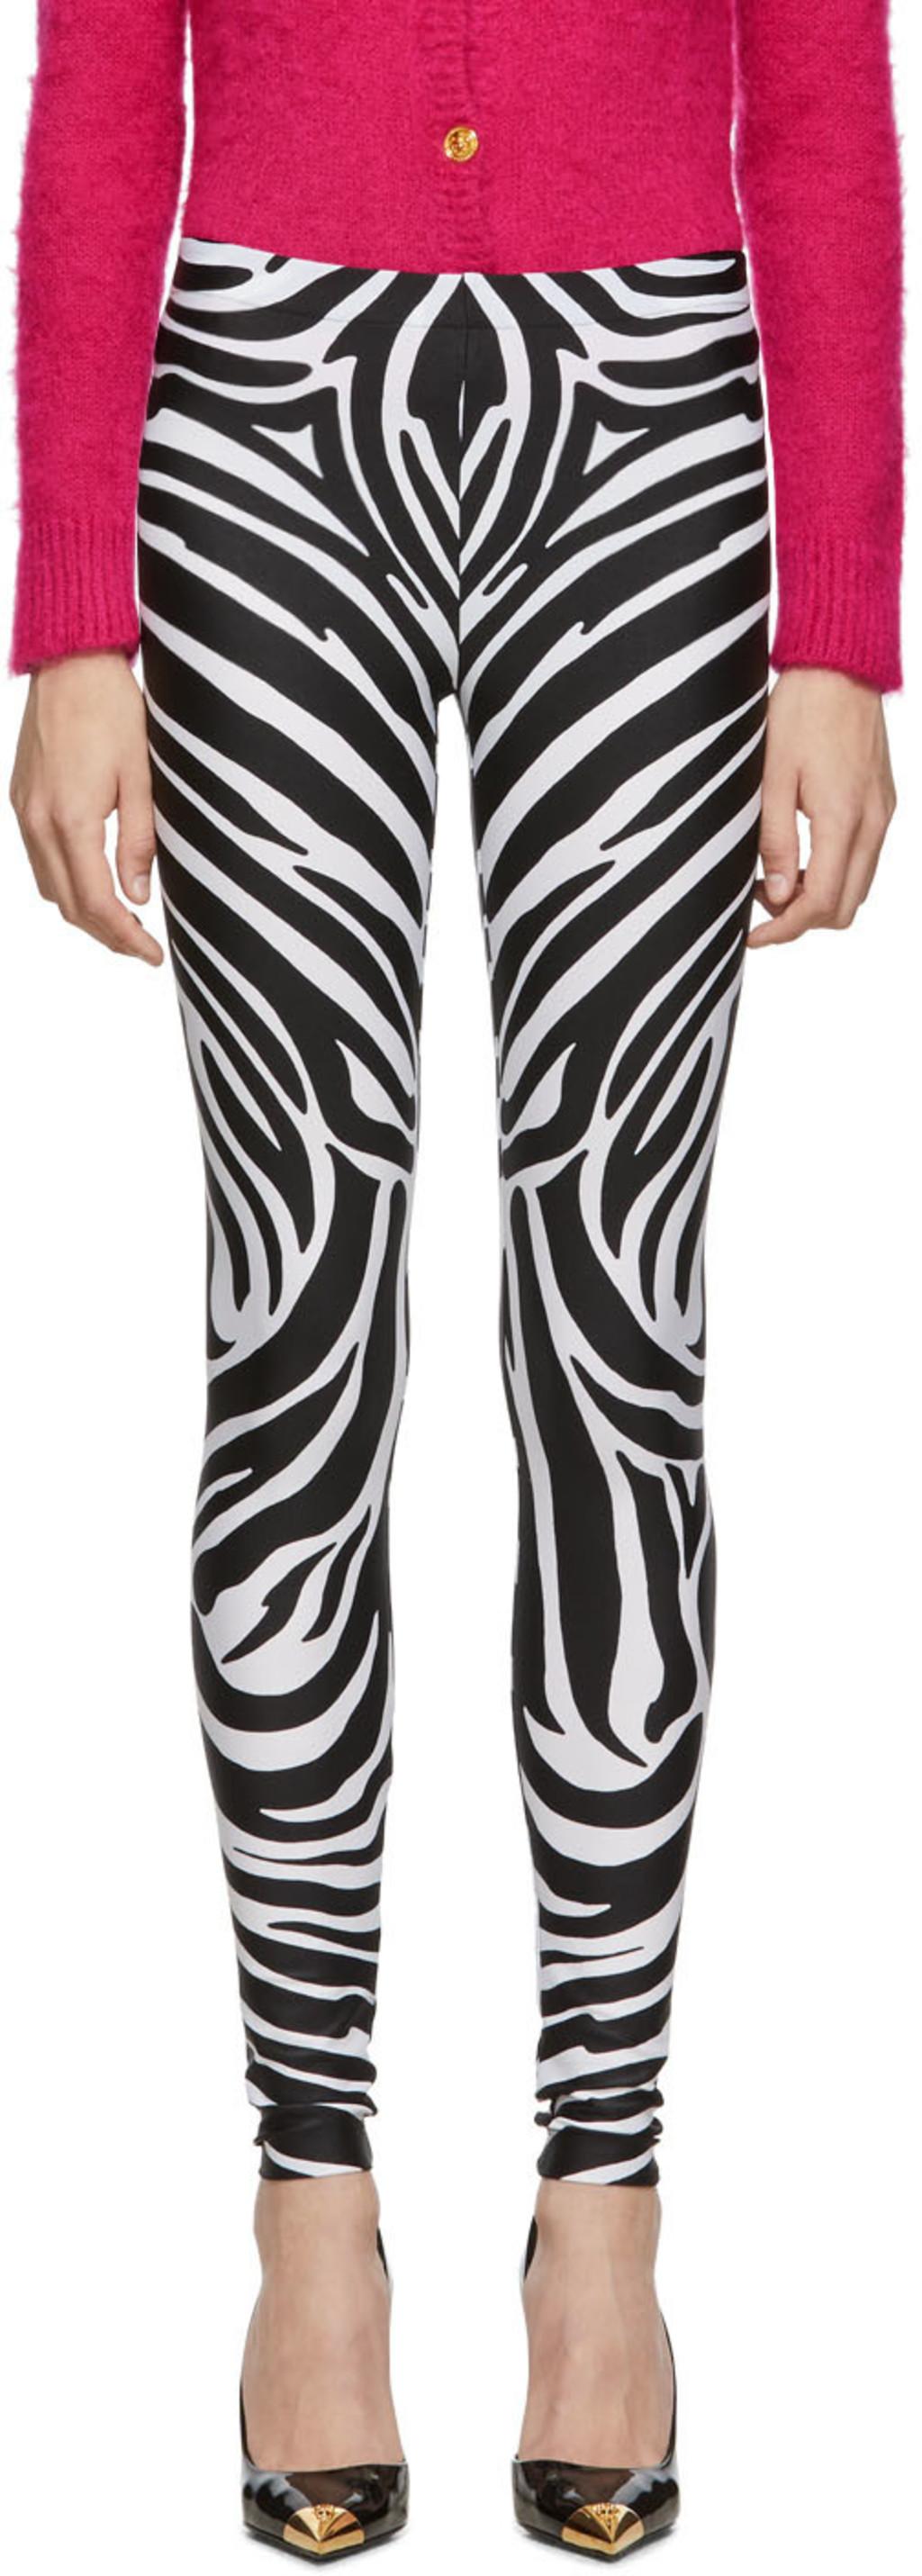 863fadd0eb0f02 Versace leggings for Women | SSENSE